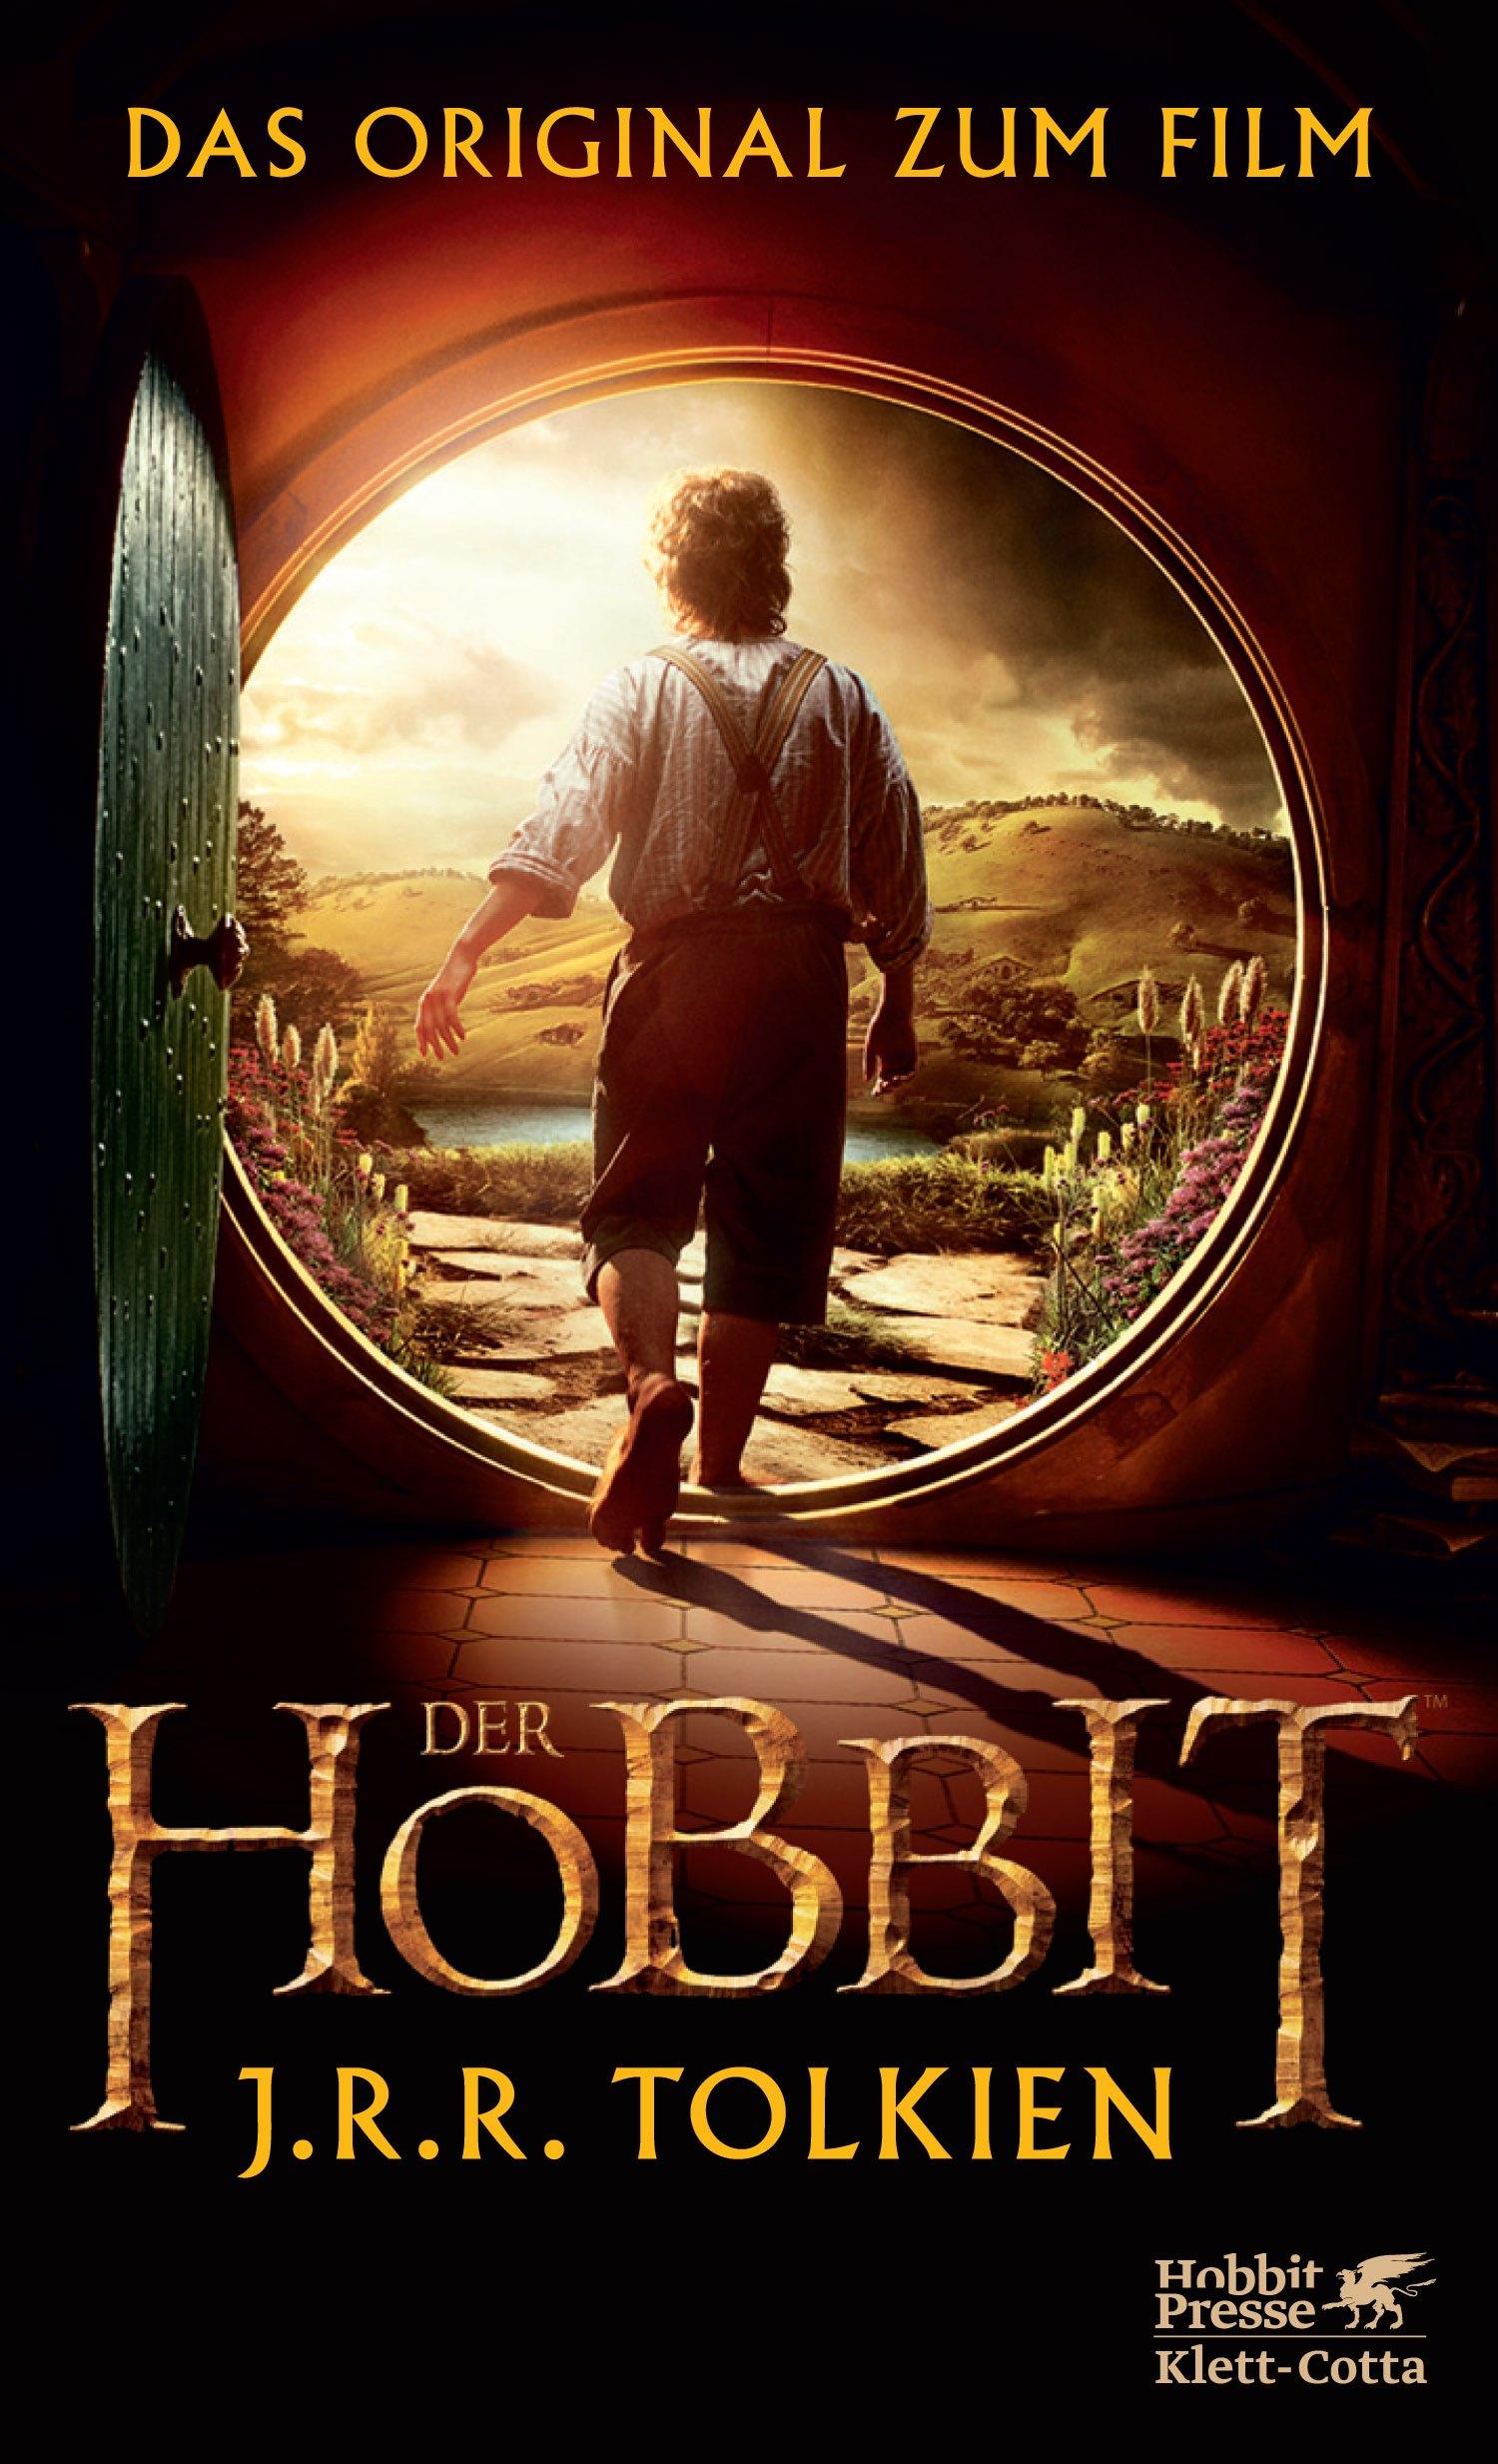 Der Hobbit - Das Original zum Film - Tolkien, J.R.R.